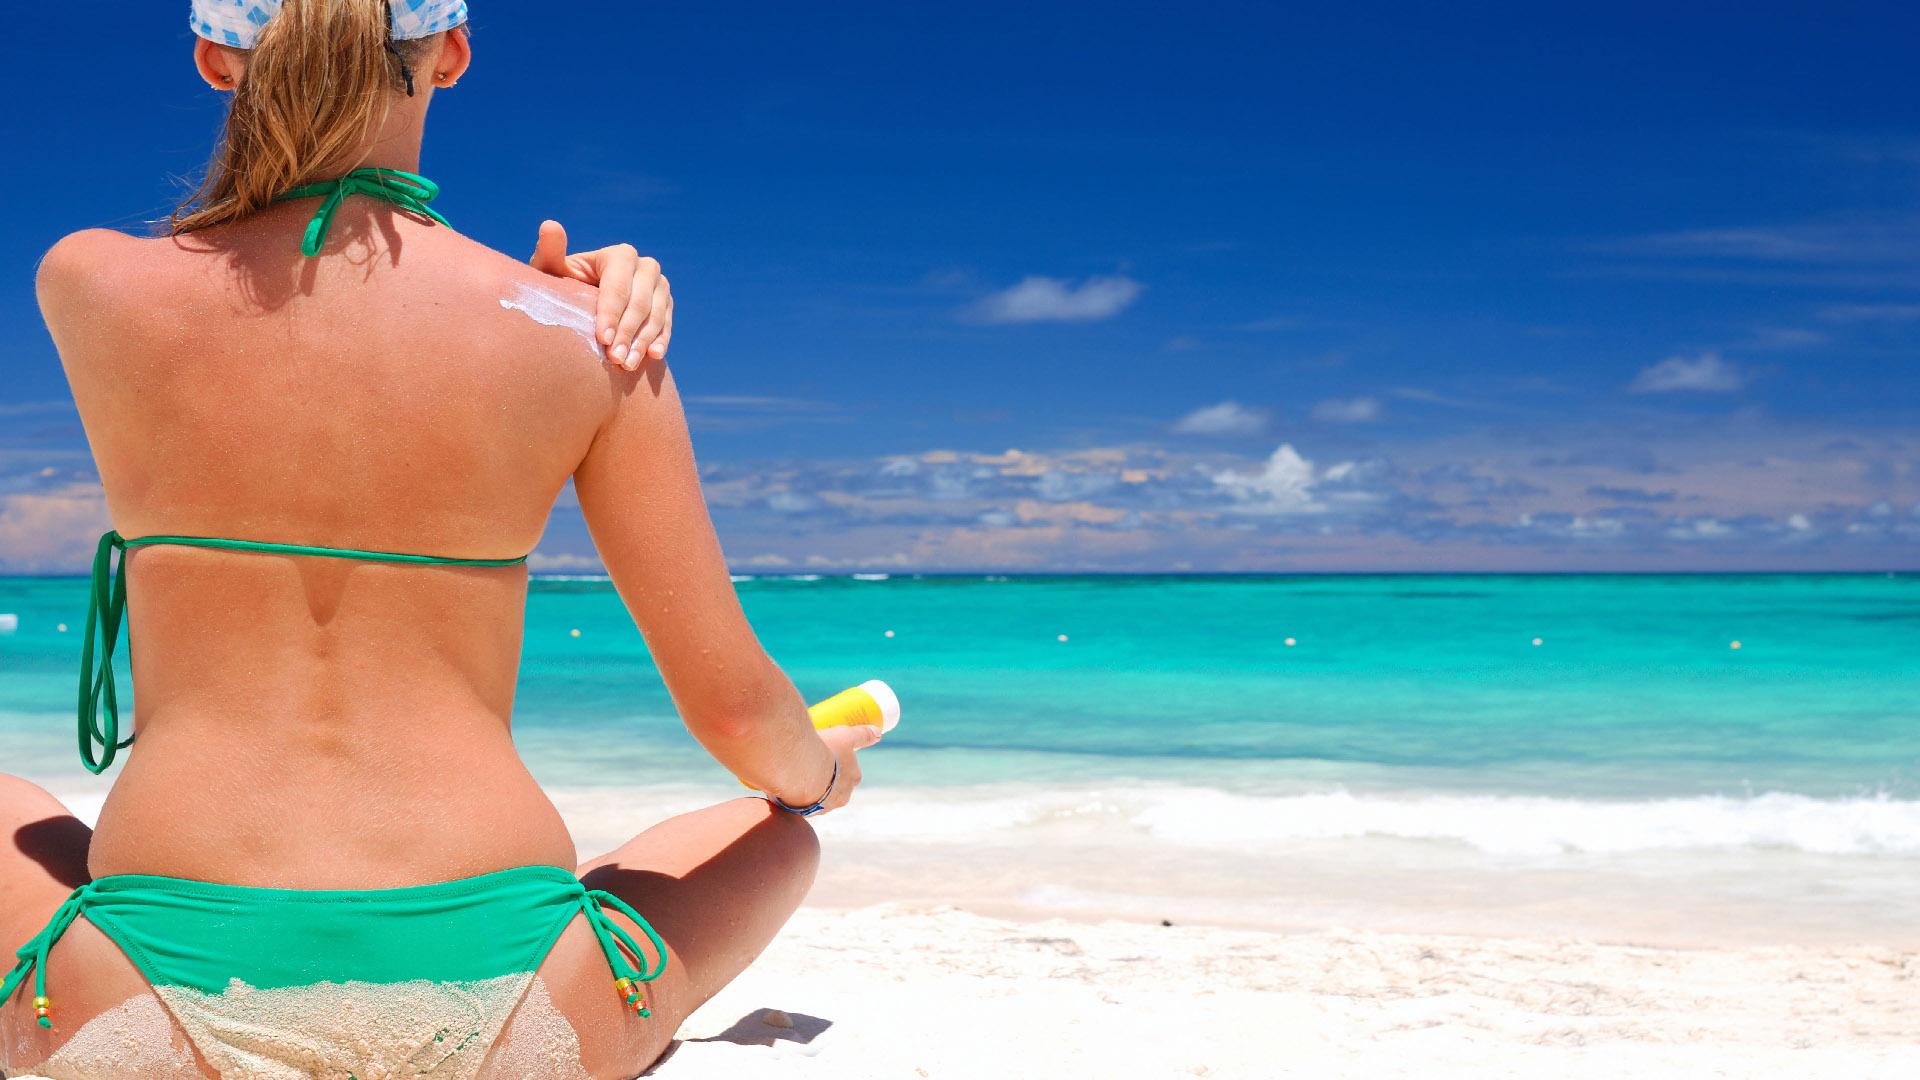 Sunscreenr, es un aparato que detecta las zonas de alto riesgo que puedan verse afectadas por los rayos UV